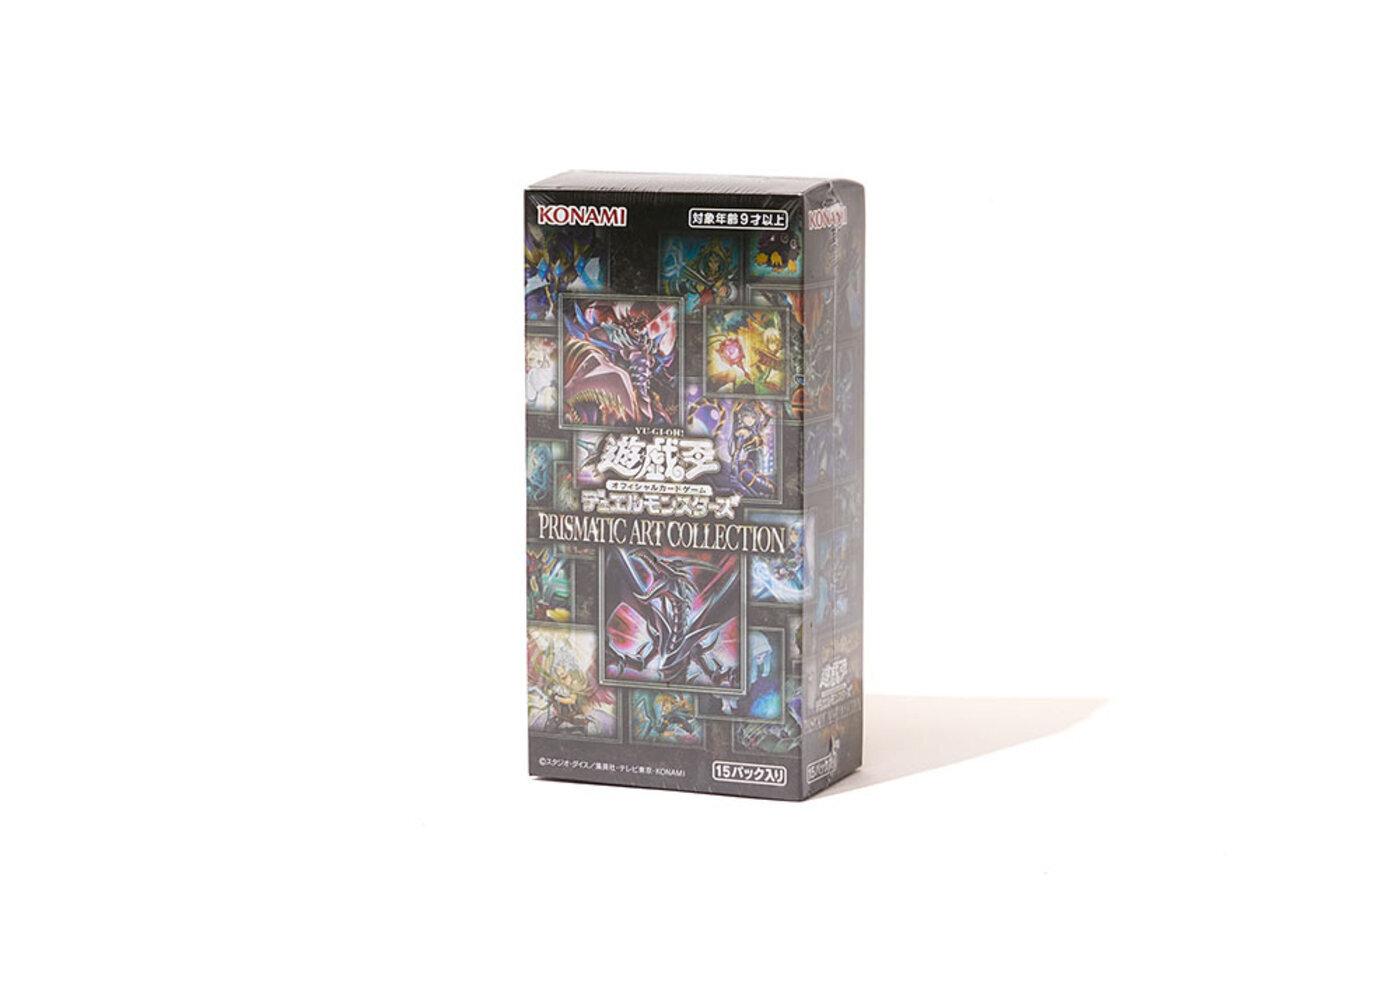 遊戯王OCG デュエルモンスターズ プリズマティック アートコレクション ボックス の写真